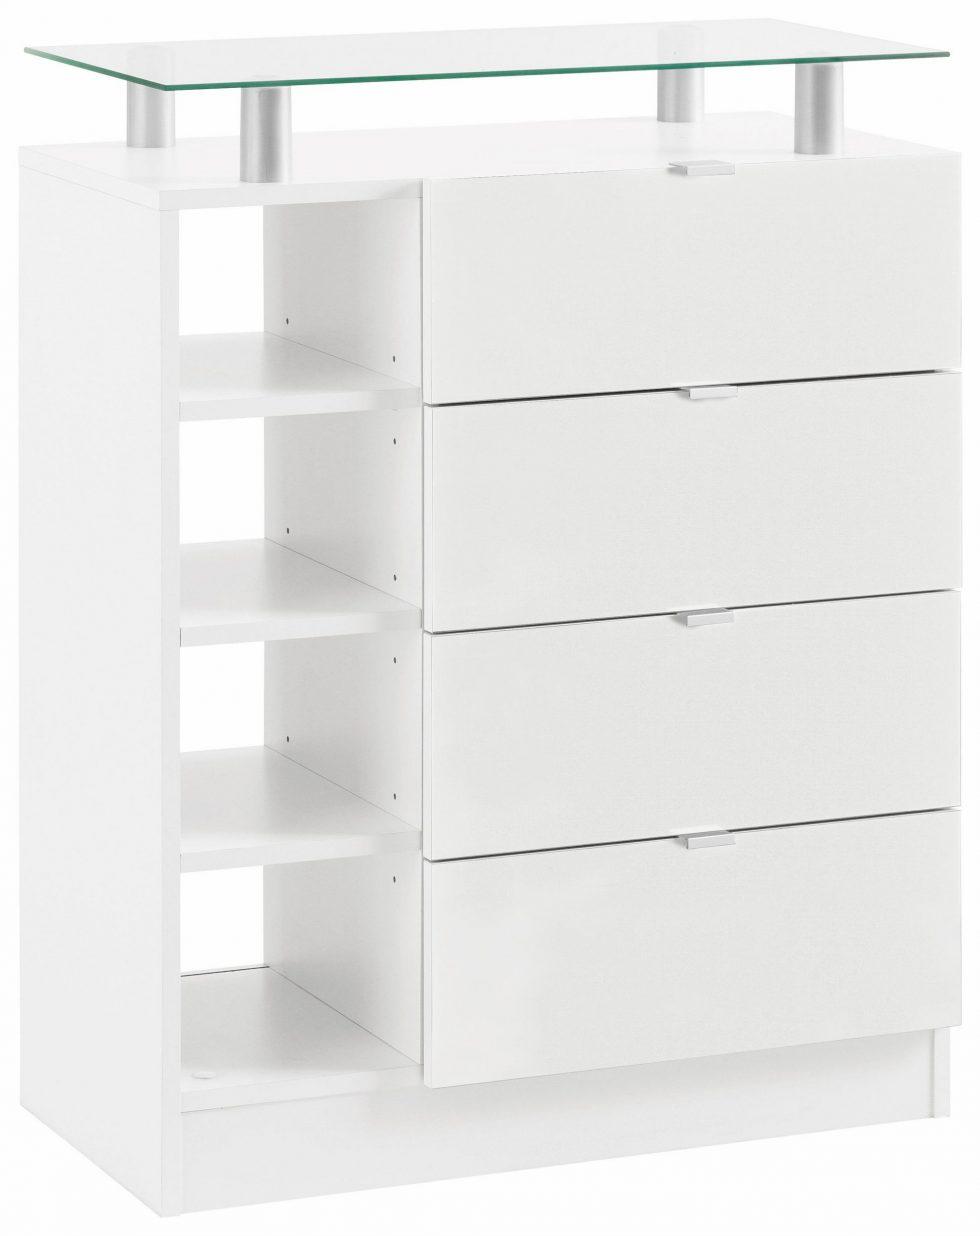 otto schlafzimmer kommoden seidensatin bettw sche ahorn lattenroste schlauchf rmiges. Black Bedroom Furniture Sets. Home Design Ideas